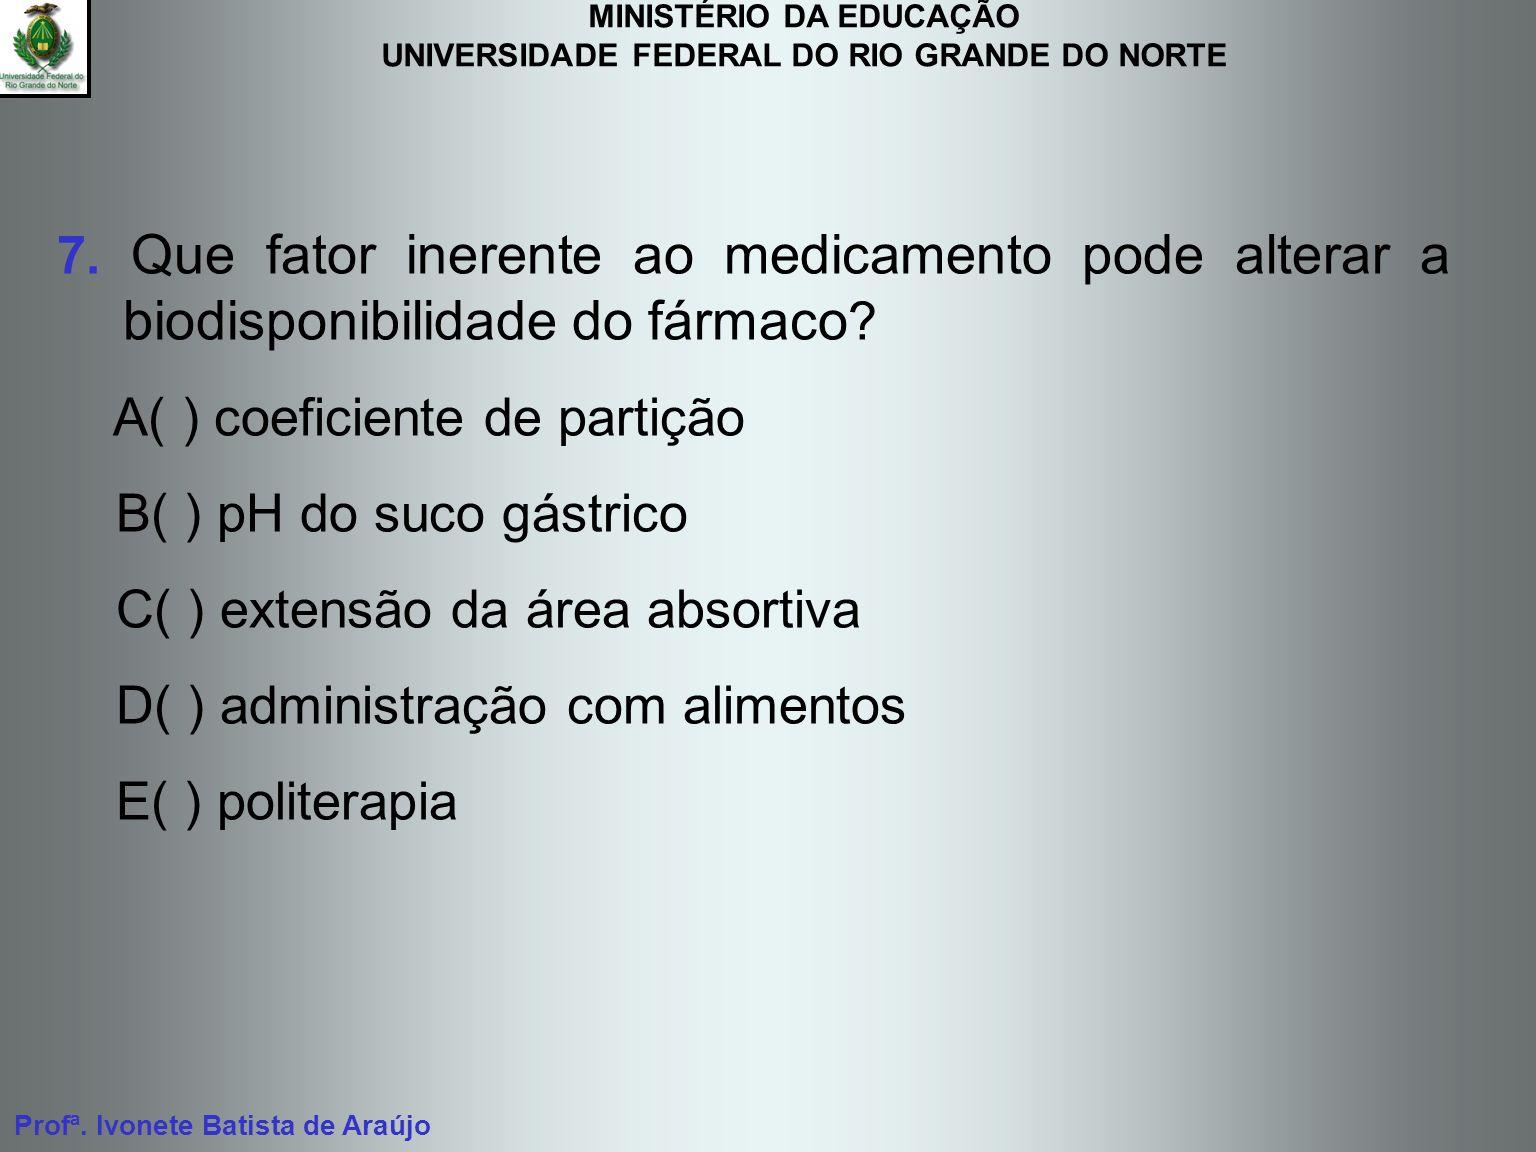 MINISTÉRIO DA EDUCAÇÃO UNIVERSIDADE FEDERAL DO RIO GRANDE DO NORTE Profª. Ivonete Batista de Araújo 7. Que fator inerente ao medicamento pode alterar